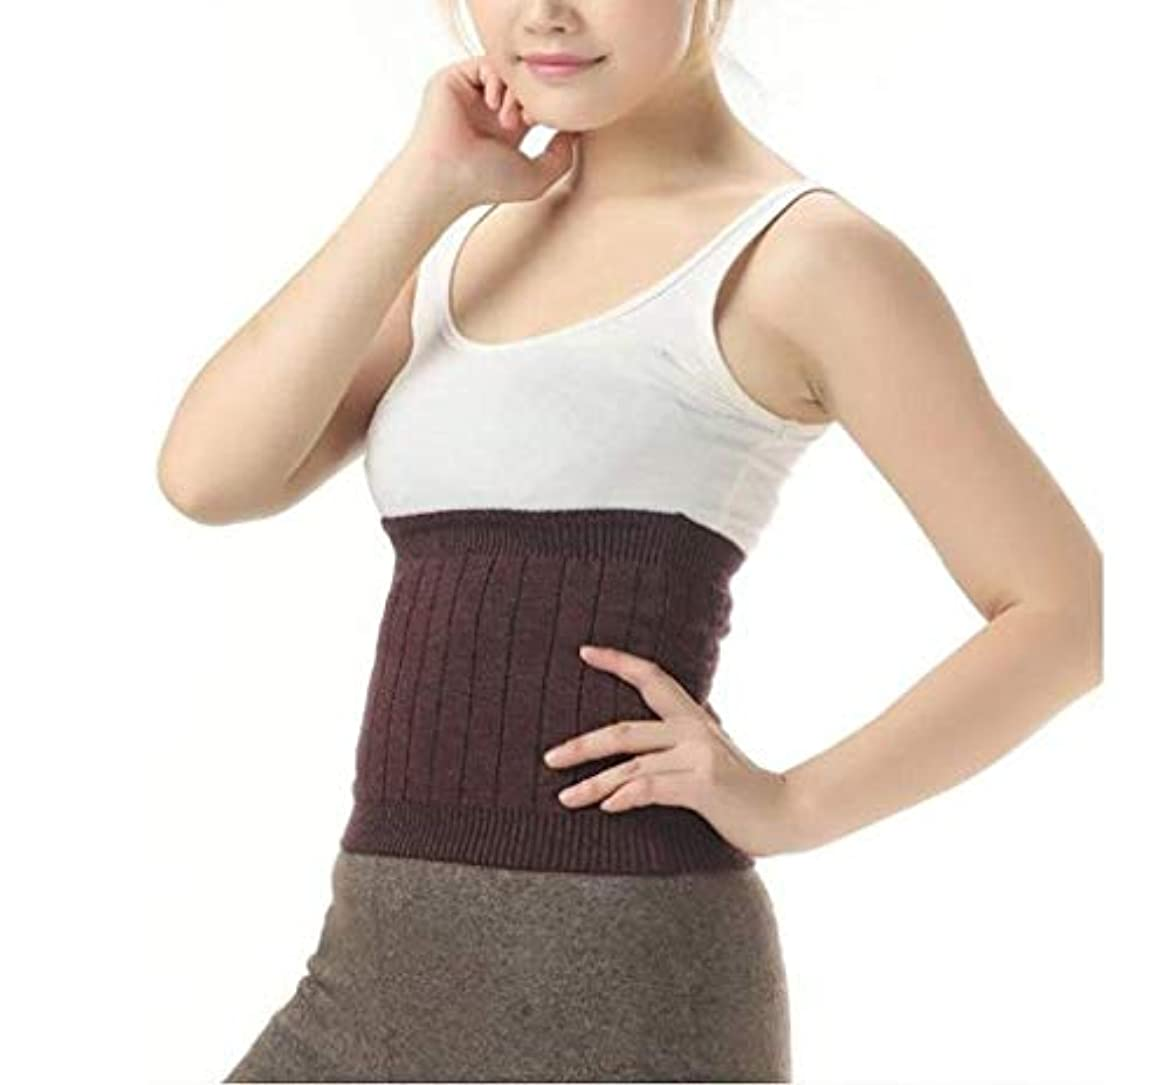 セントサワー変位冬/フィットネスのサイズに適した暖かいベルト、人間工学に基づいて設計女性のウエストベルトウールウォーム腎臓をウエストベルト、:22センチメートル* 26センチメートル